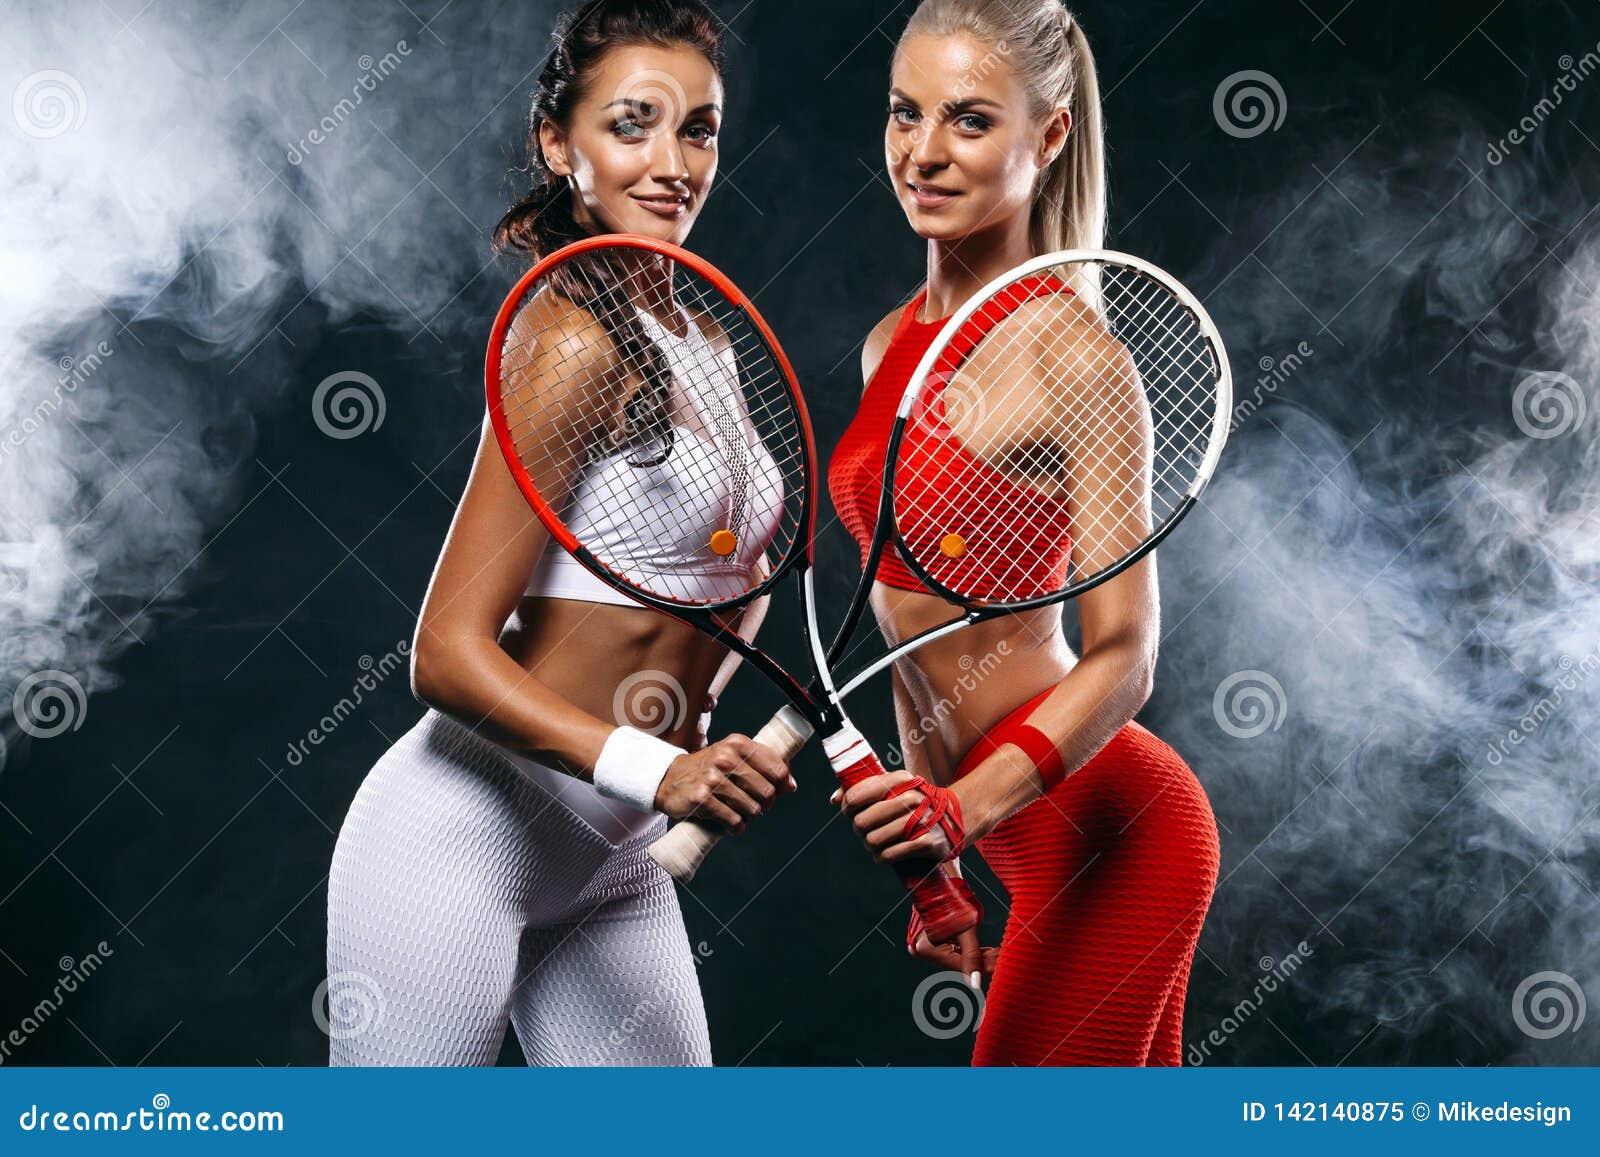 Αθλητής και τενίστες δύο γυναικών στο μαύρο υπόβαθρο Αθλητισμός και έννοια αντισφαίρισης